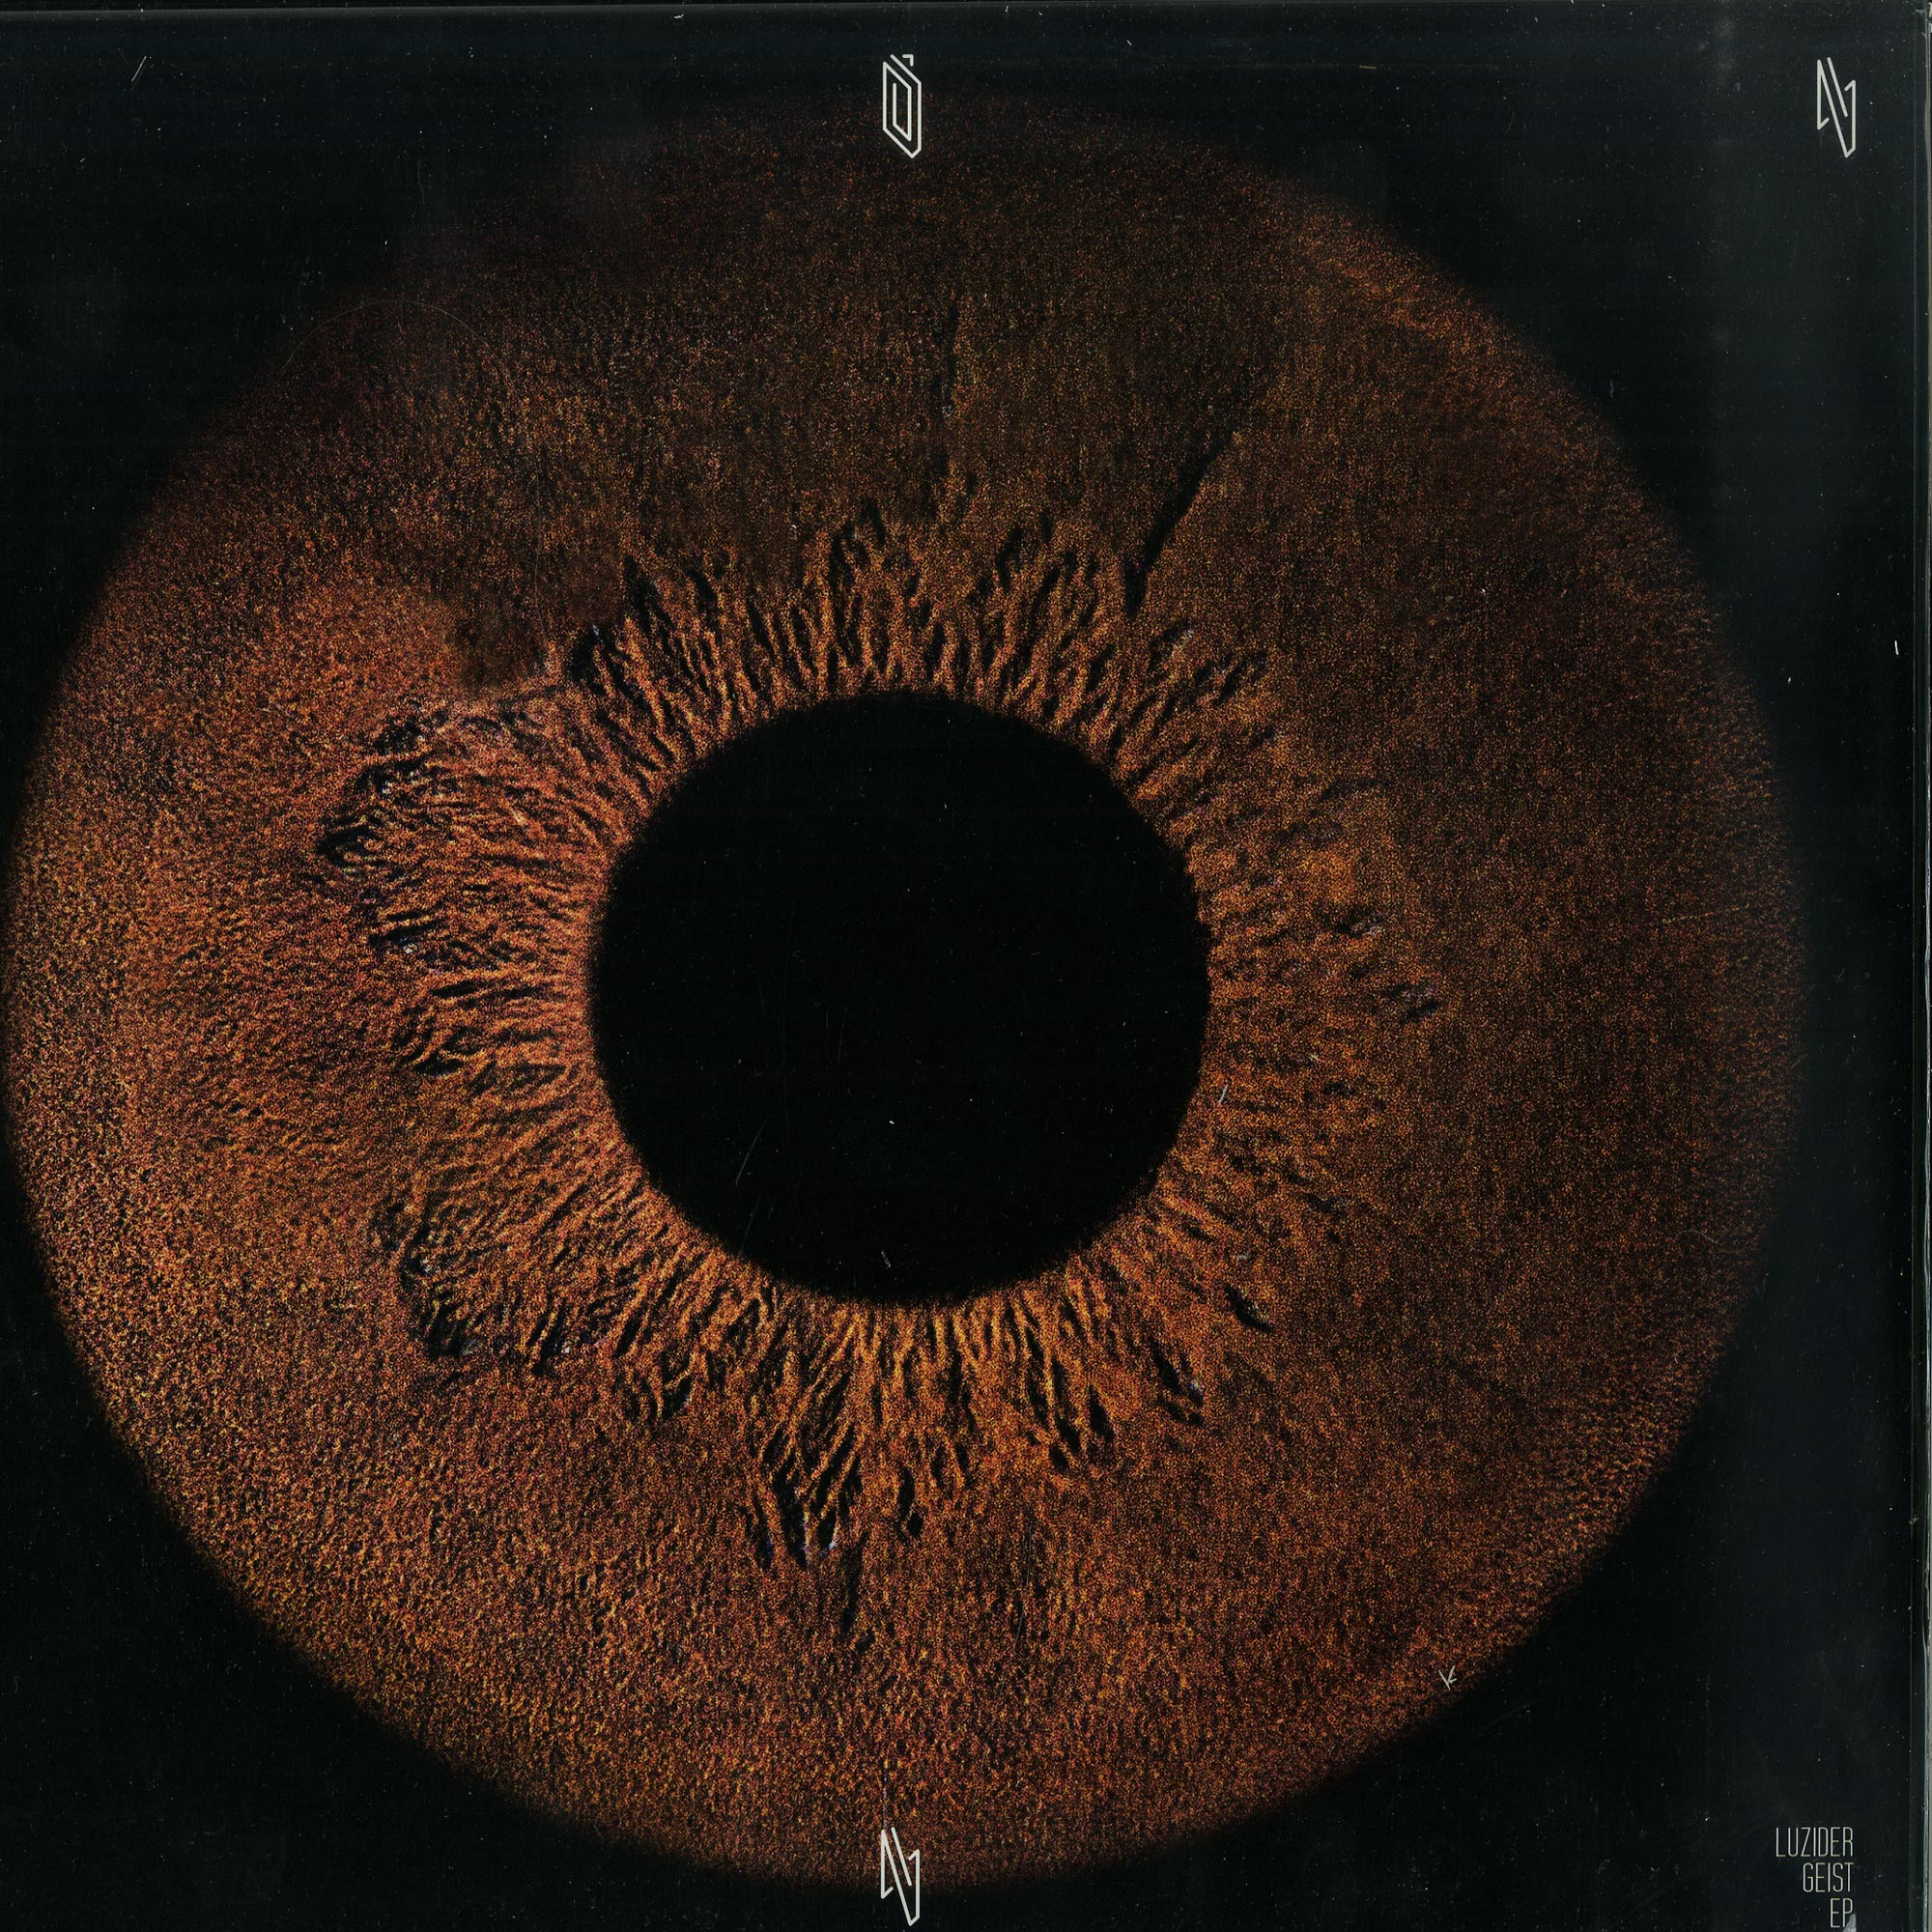 Eonan - LUZIDER GEIST EP